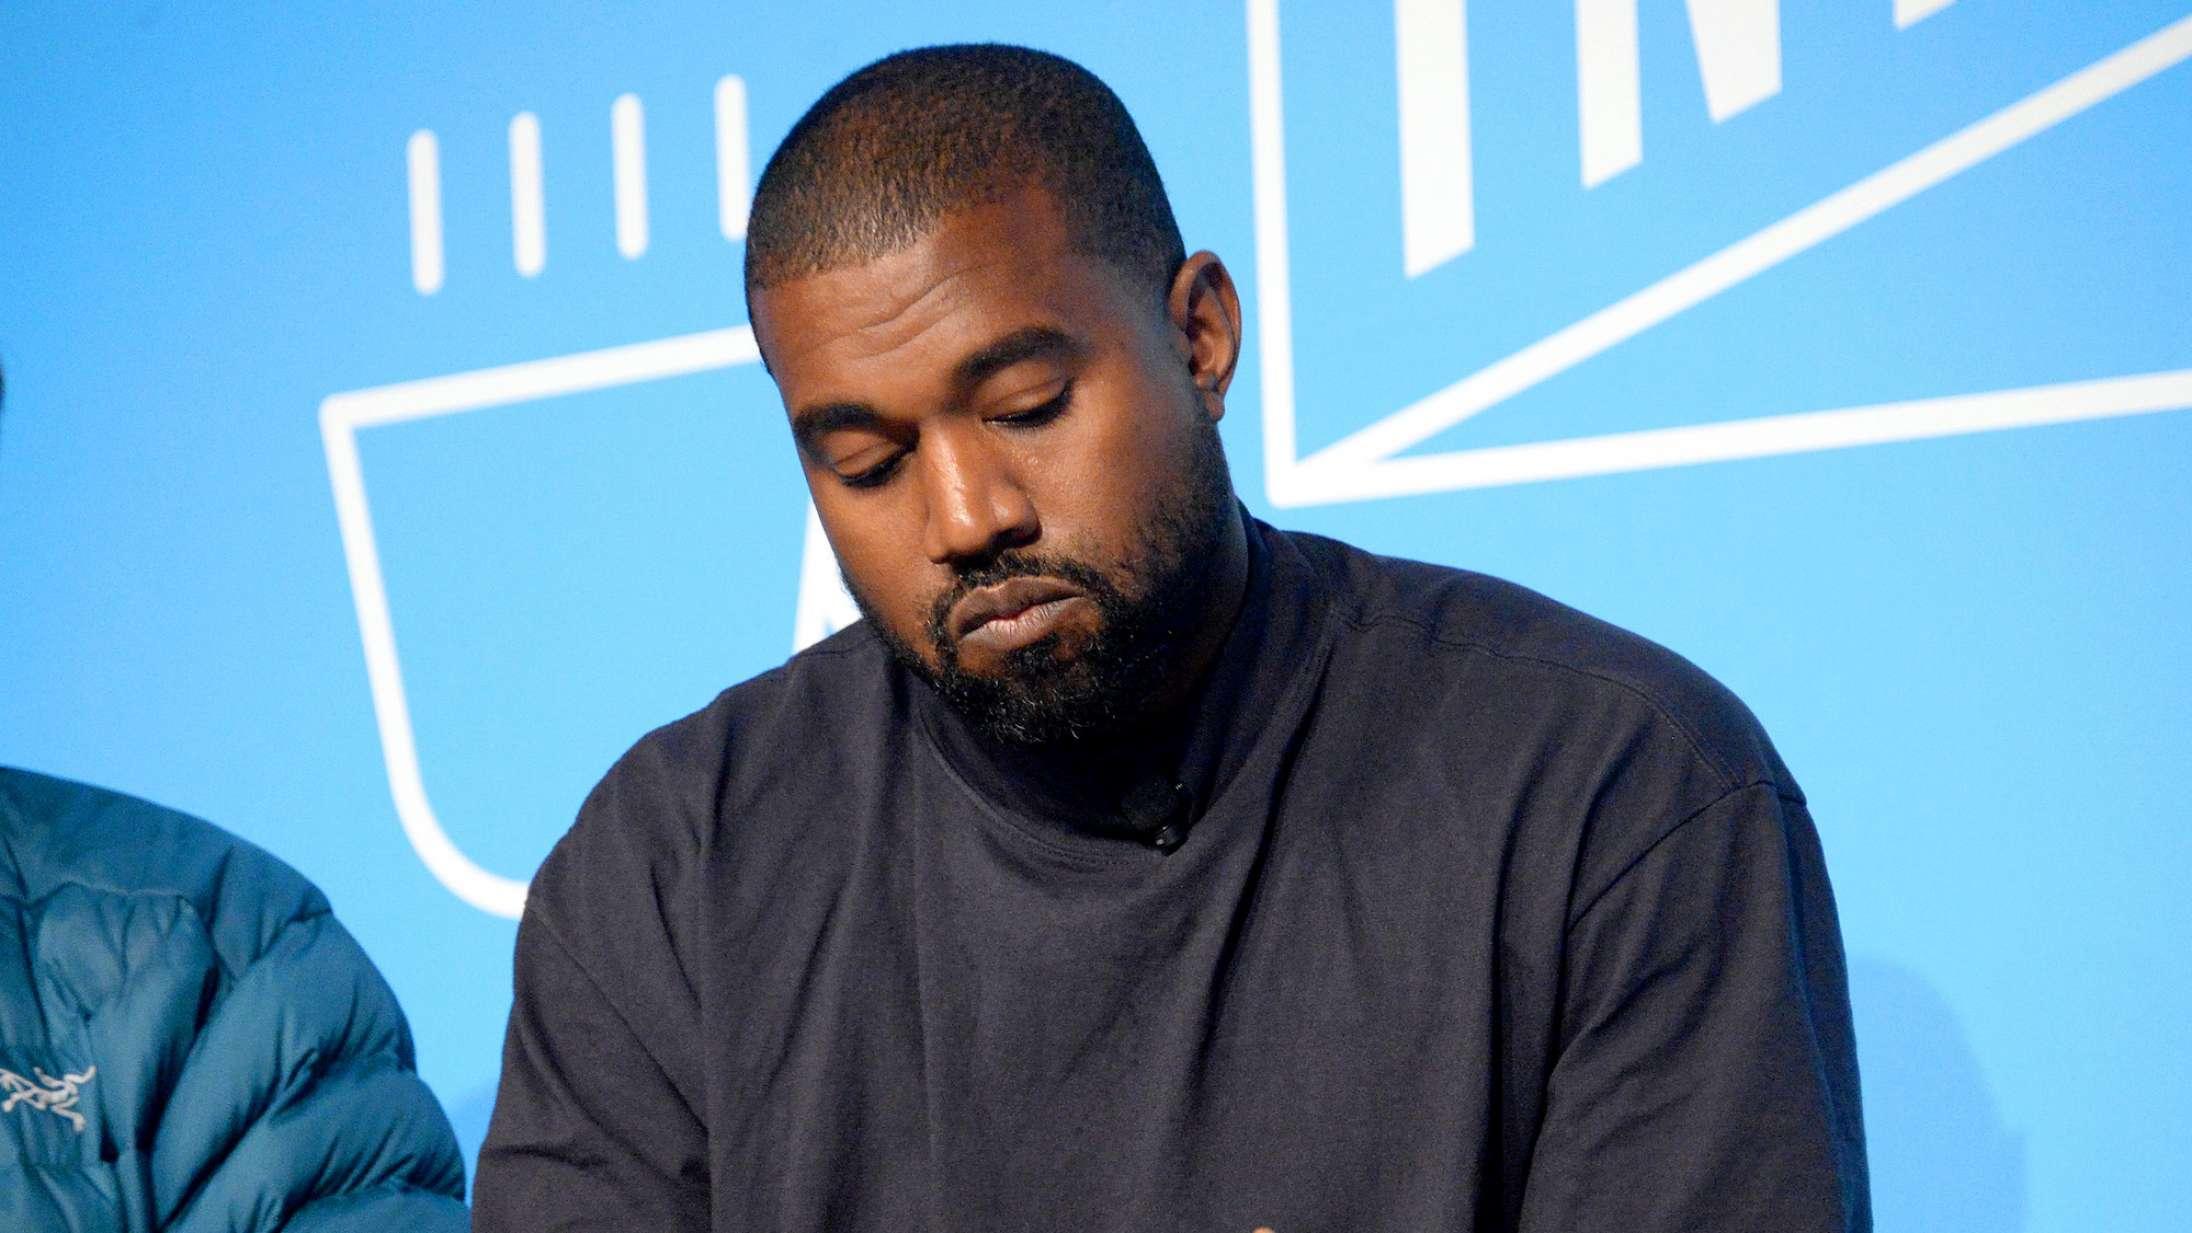 Kanye West er flyttet ind i Atlanta-stadion for at færdiggøre album – viser ydmyg hybel frem på Instagram